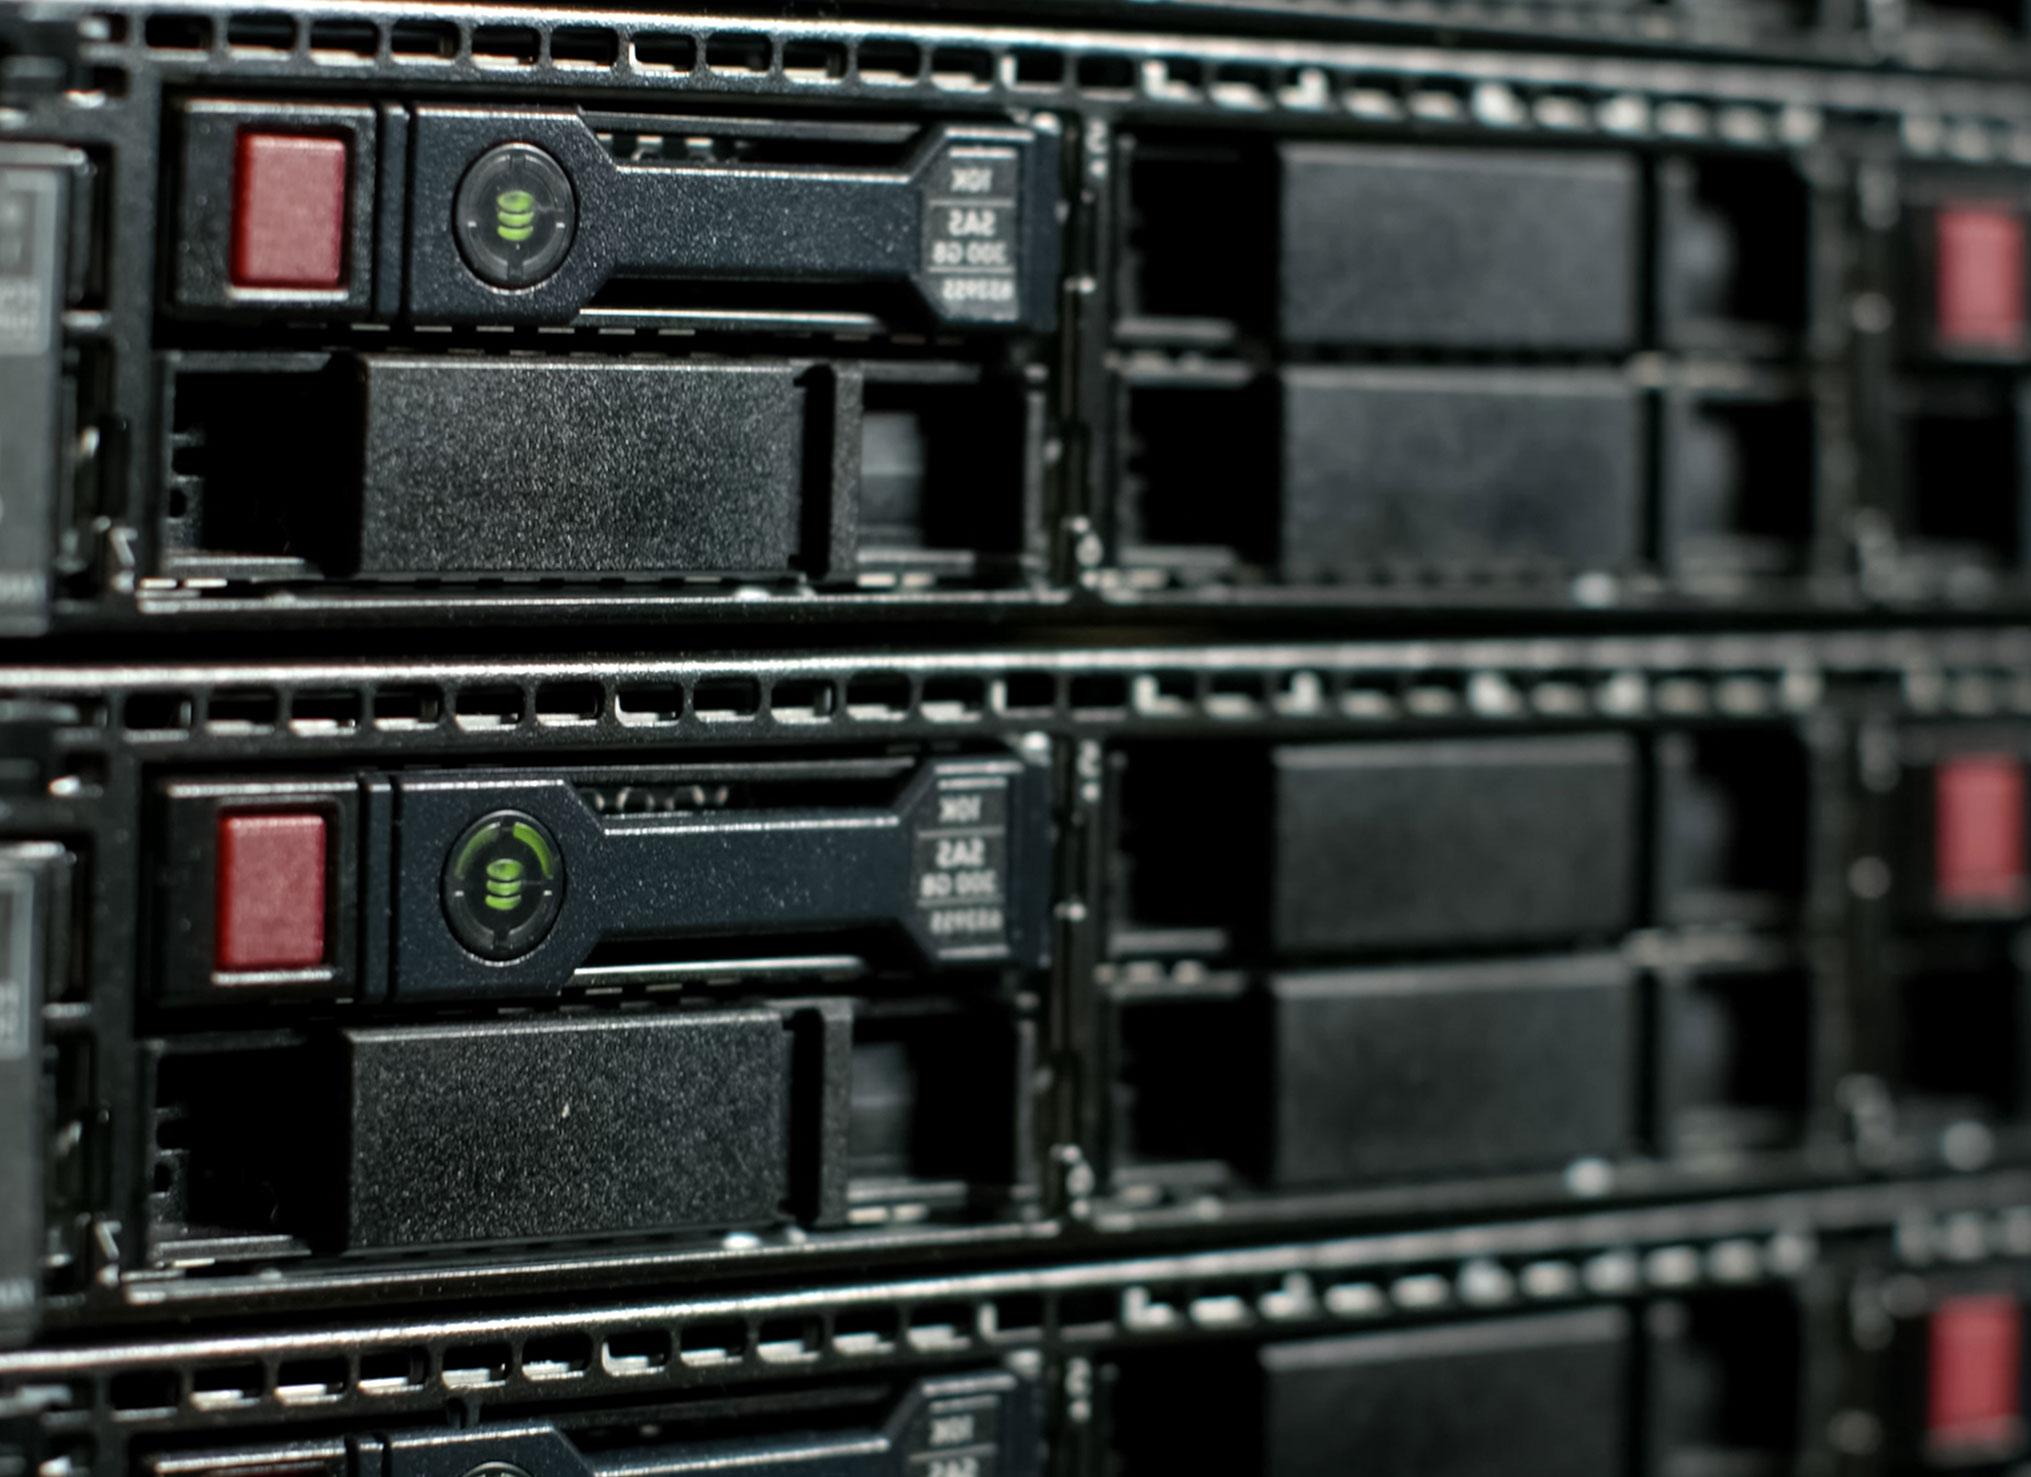 Best Managed Dedicated Server Hosting of 2021